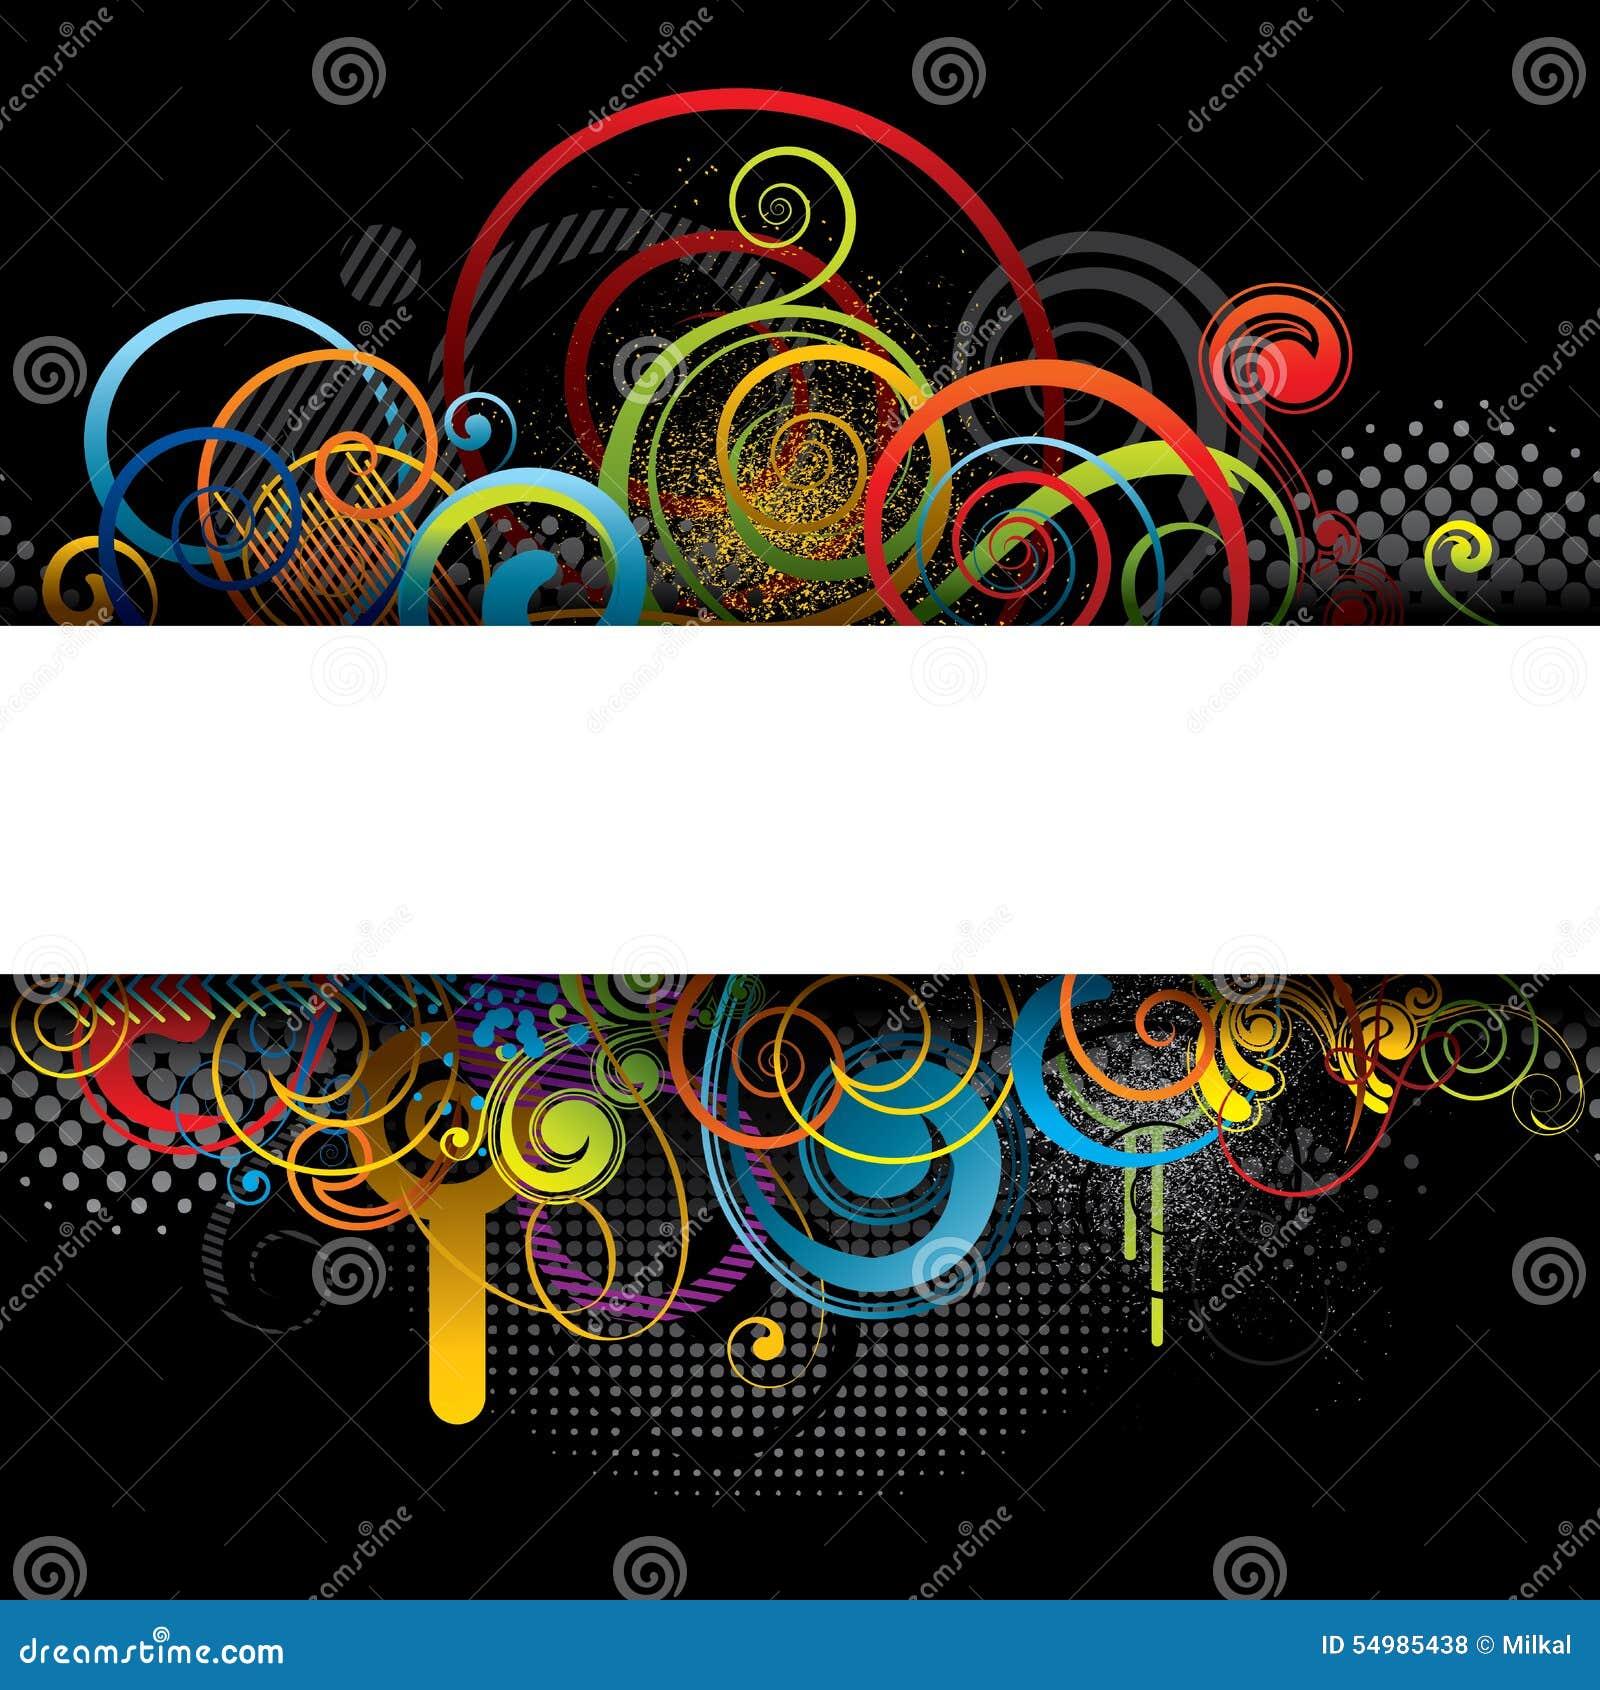 Farbfahnen-Hintergrunddesign